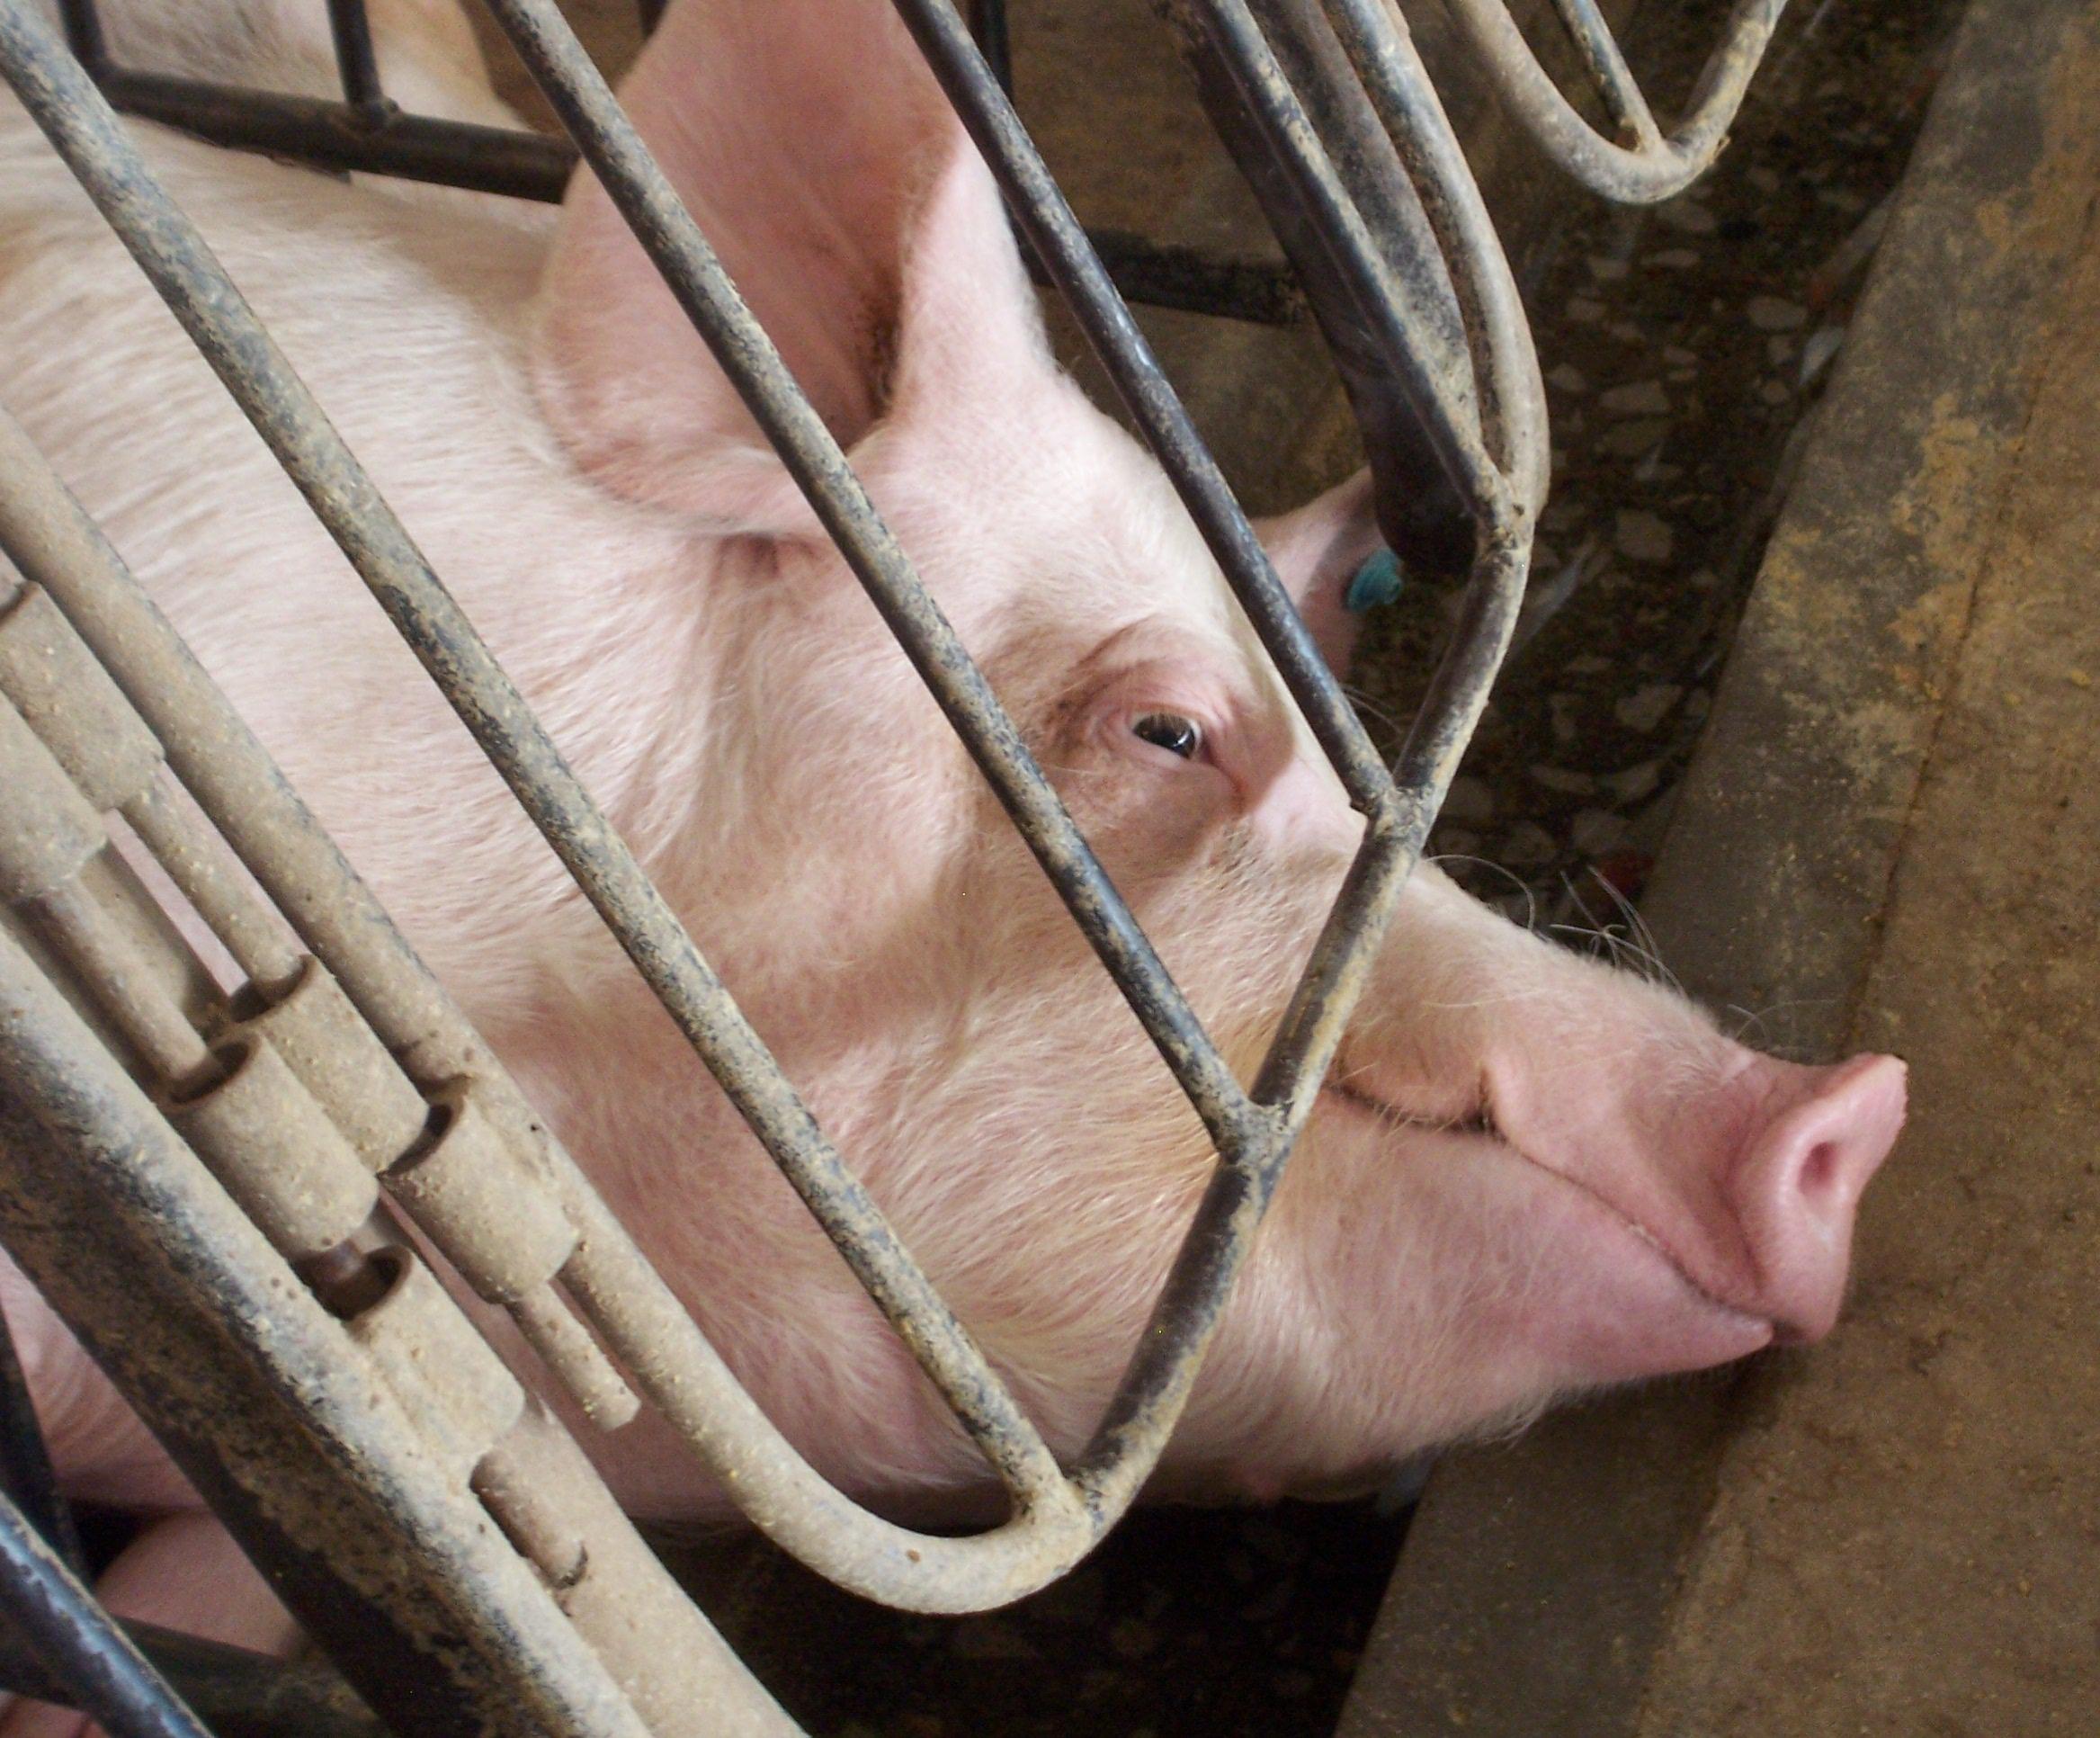 Vitória! JBS se compromete a eliminar confinamento cruel de porcas em gaiolas | Fórum Nacional de Proteção e Defesa Animal (FNPDA)